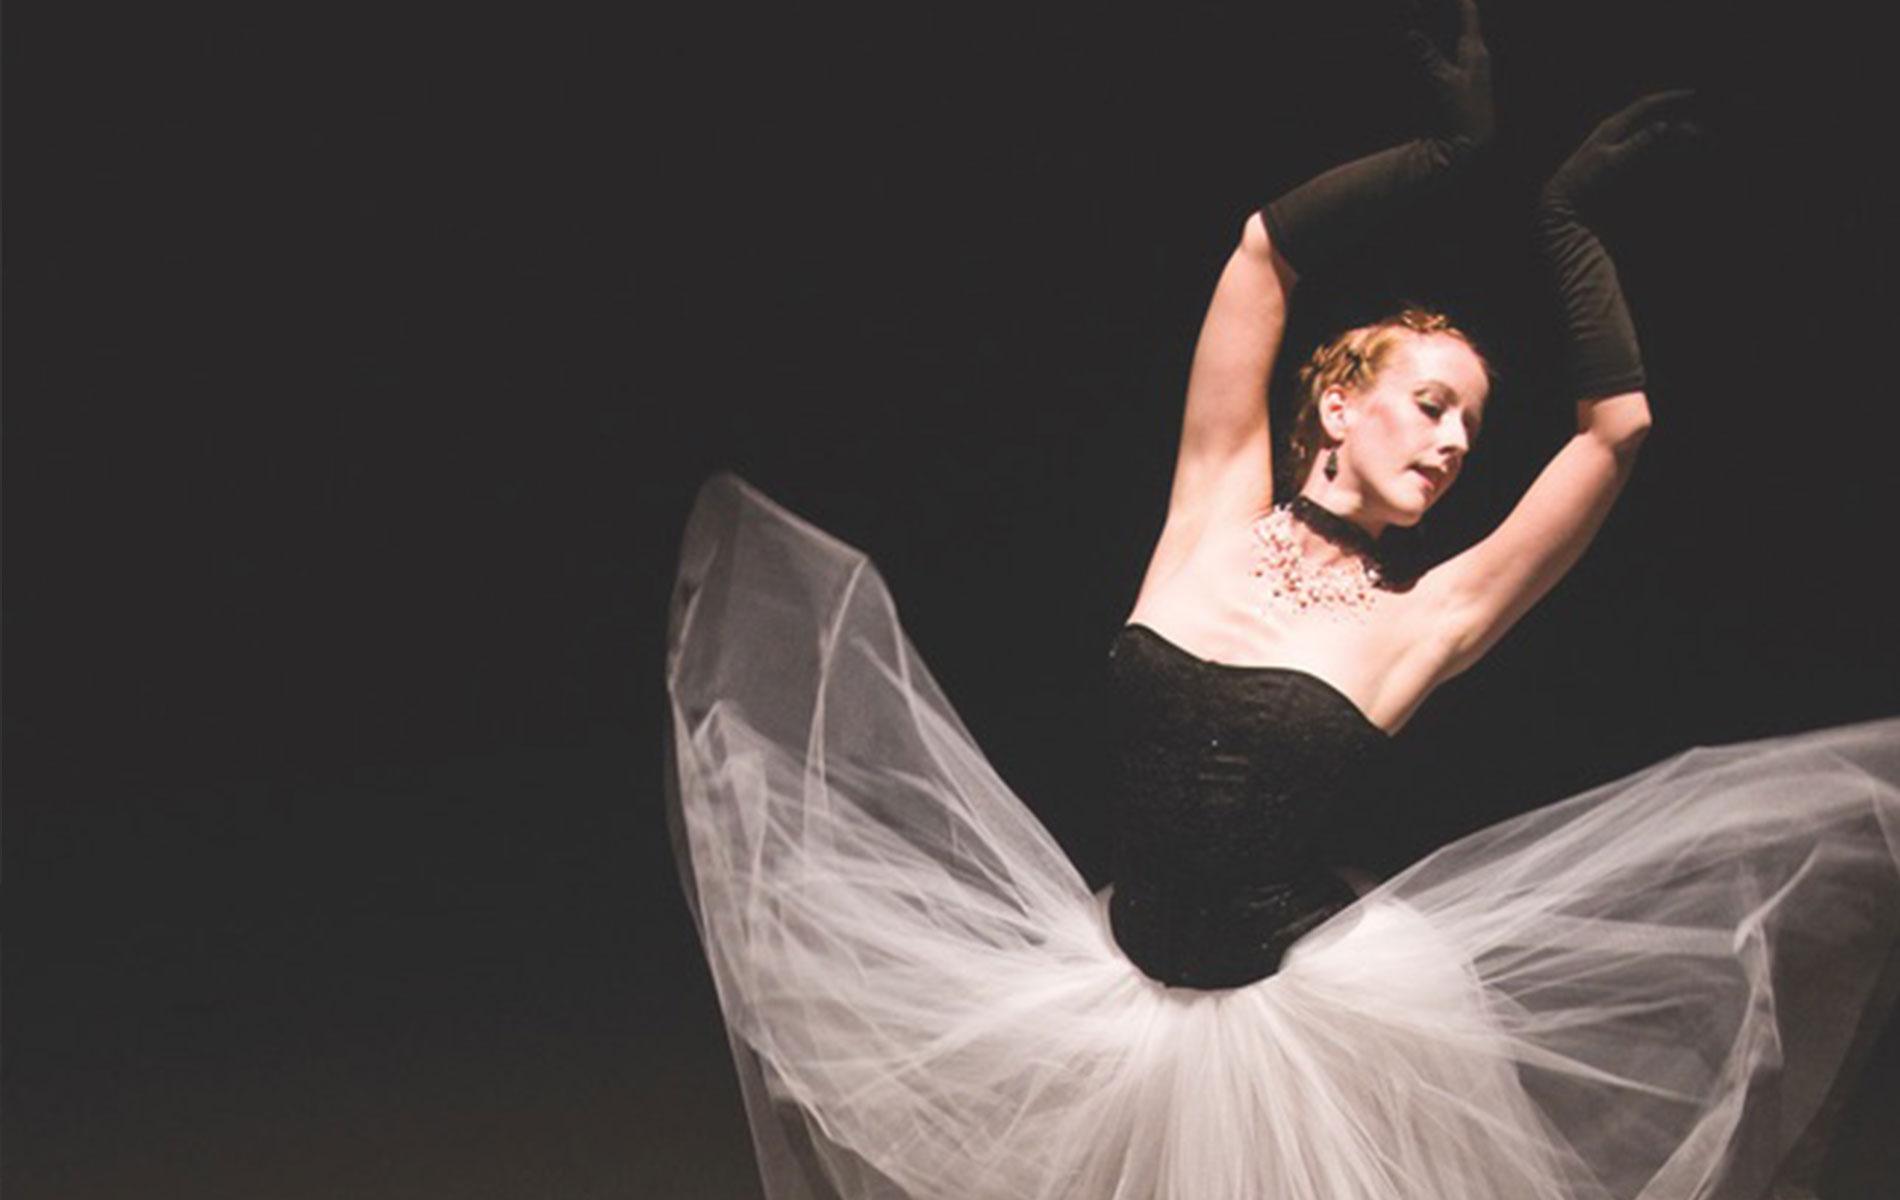 vie-magazine-hero-nwf-ballet, ballet, ballerina , dance